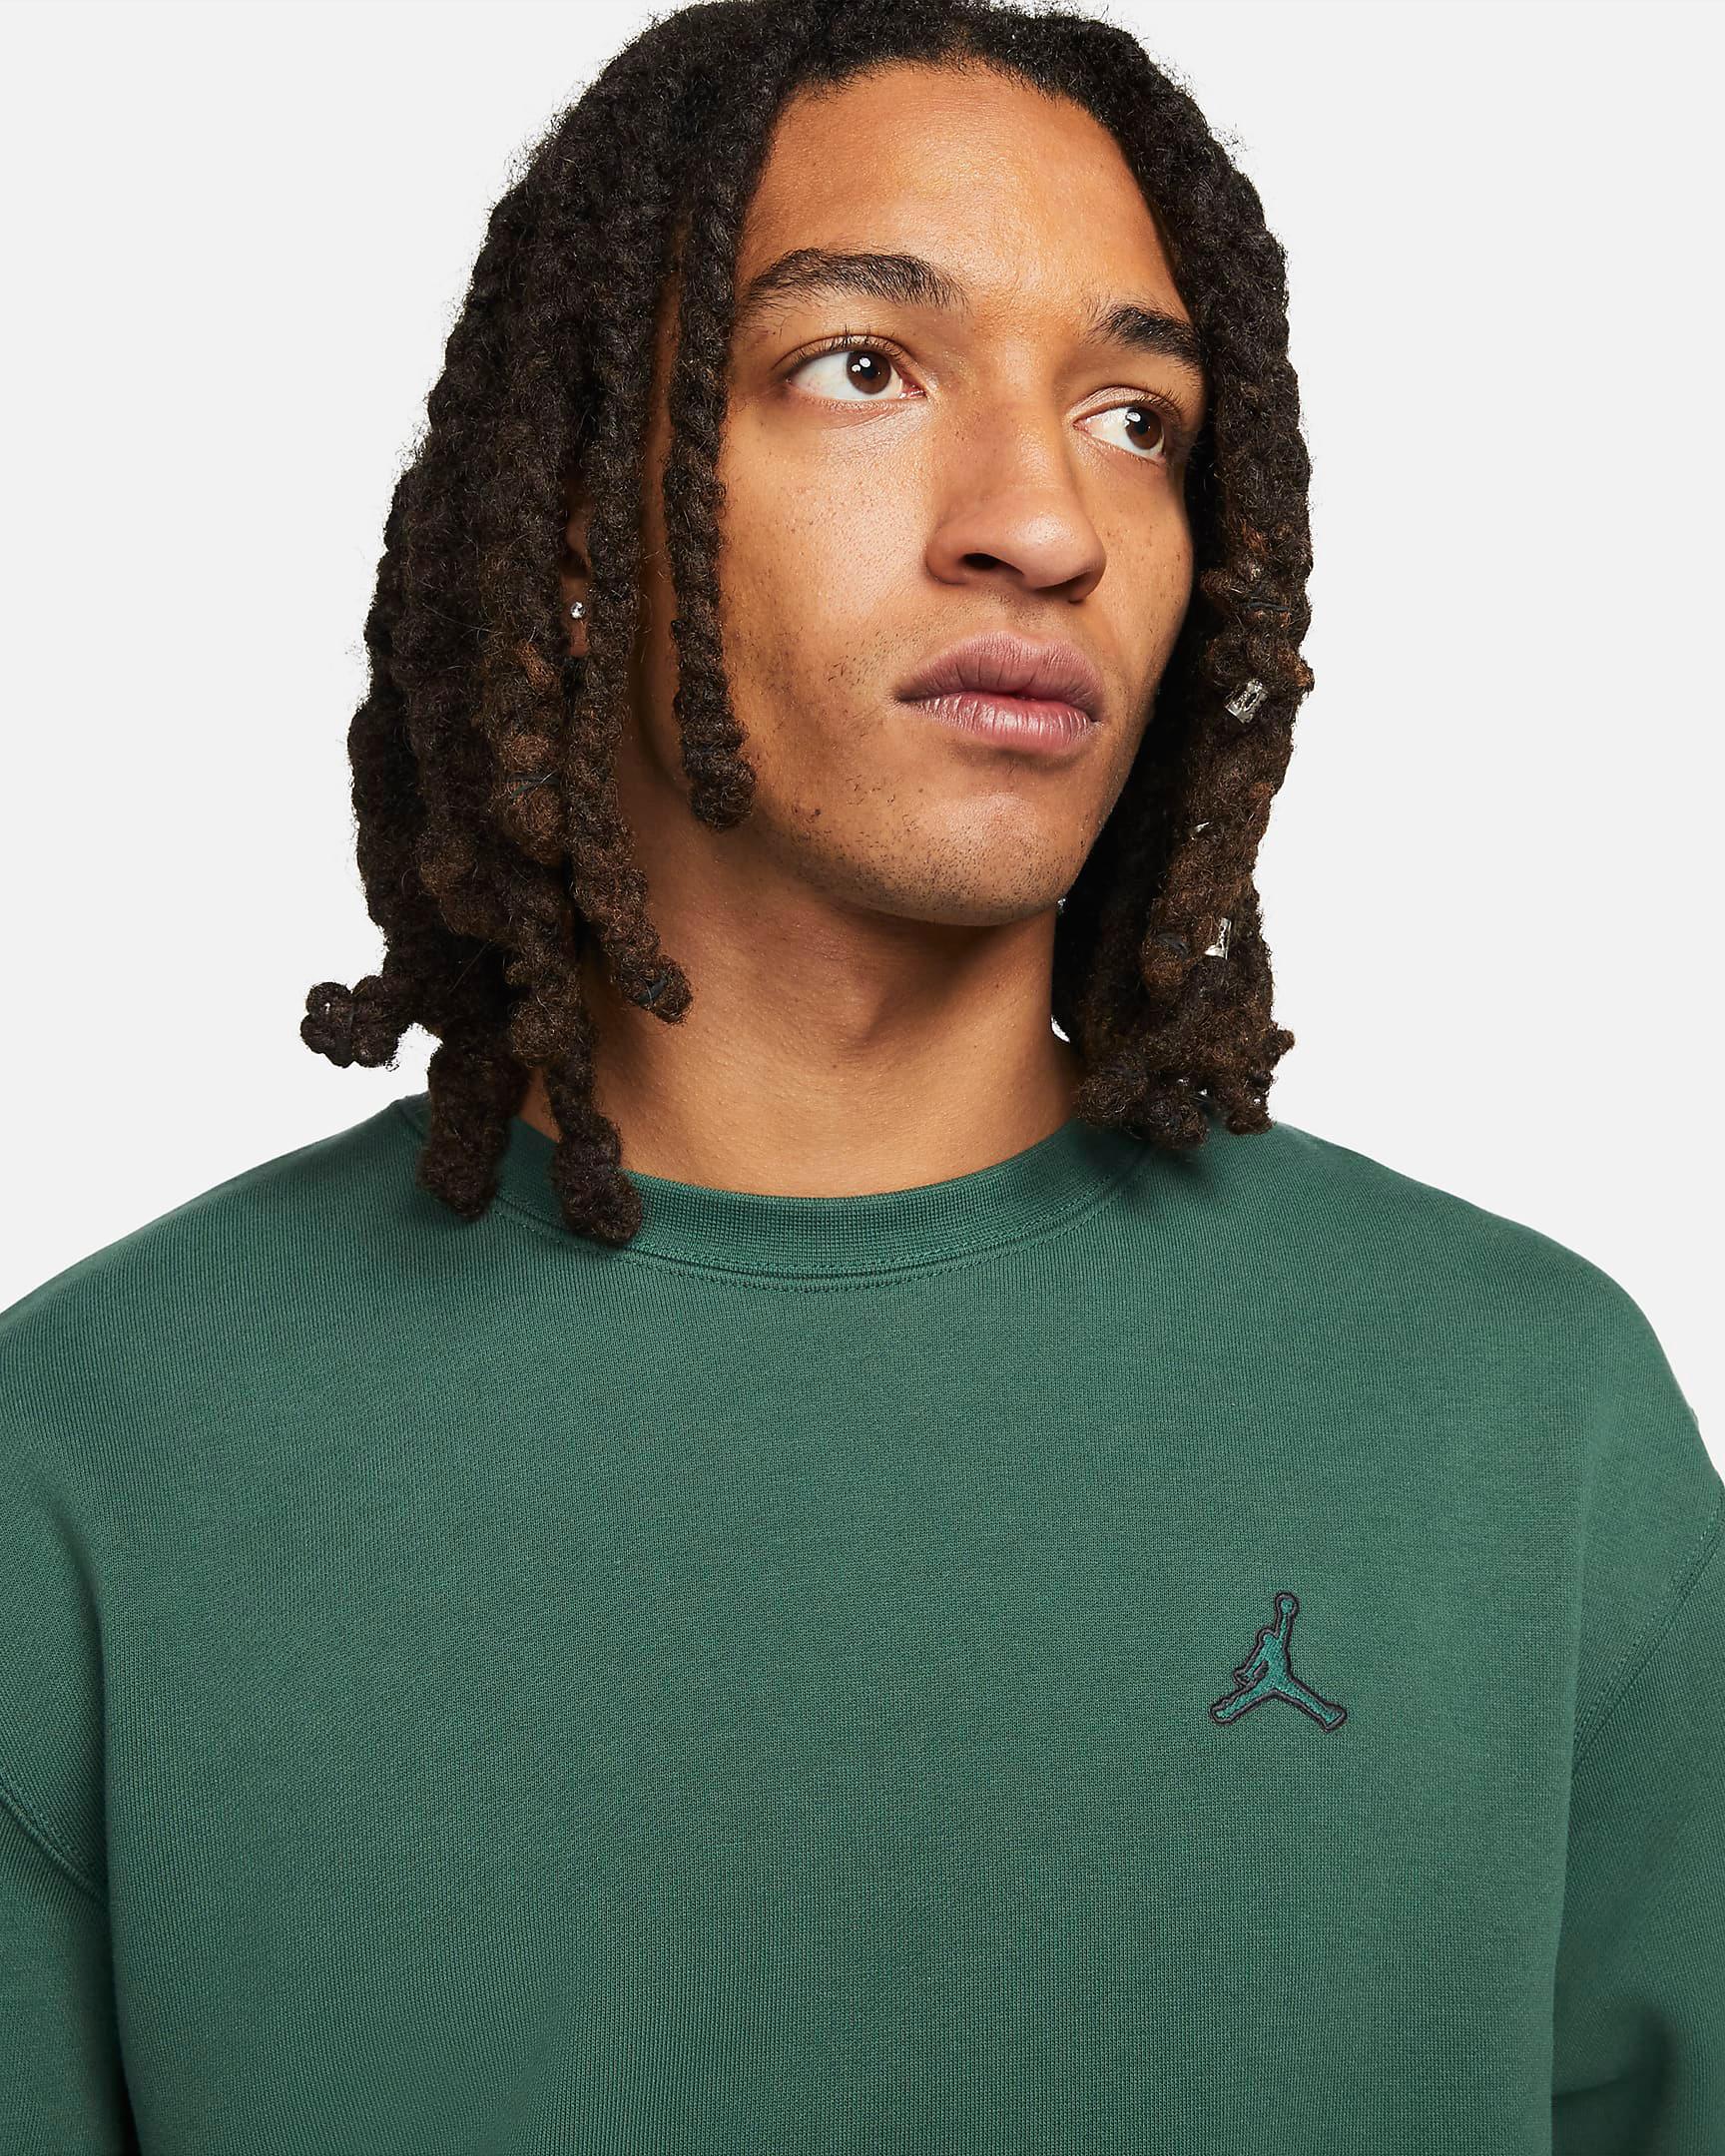 jordan-noble-green-statement-crew-sweatshirt-2